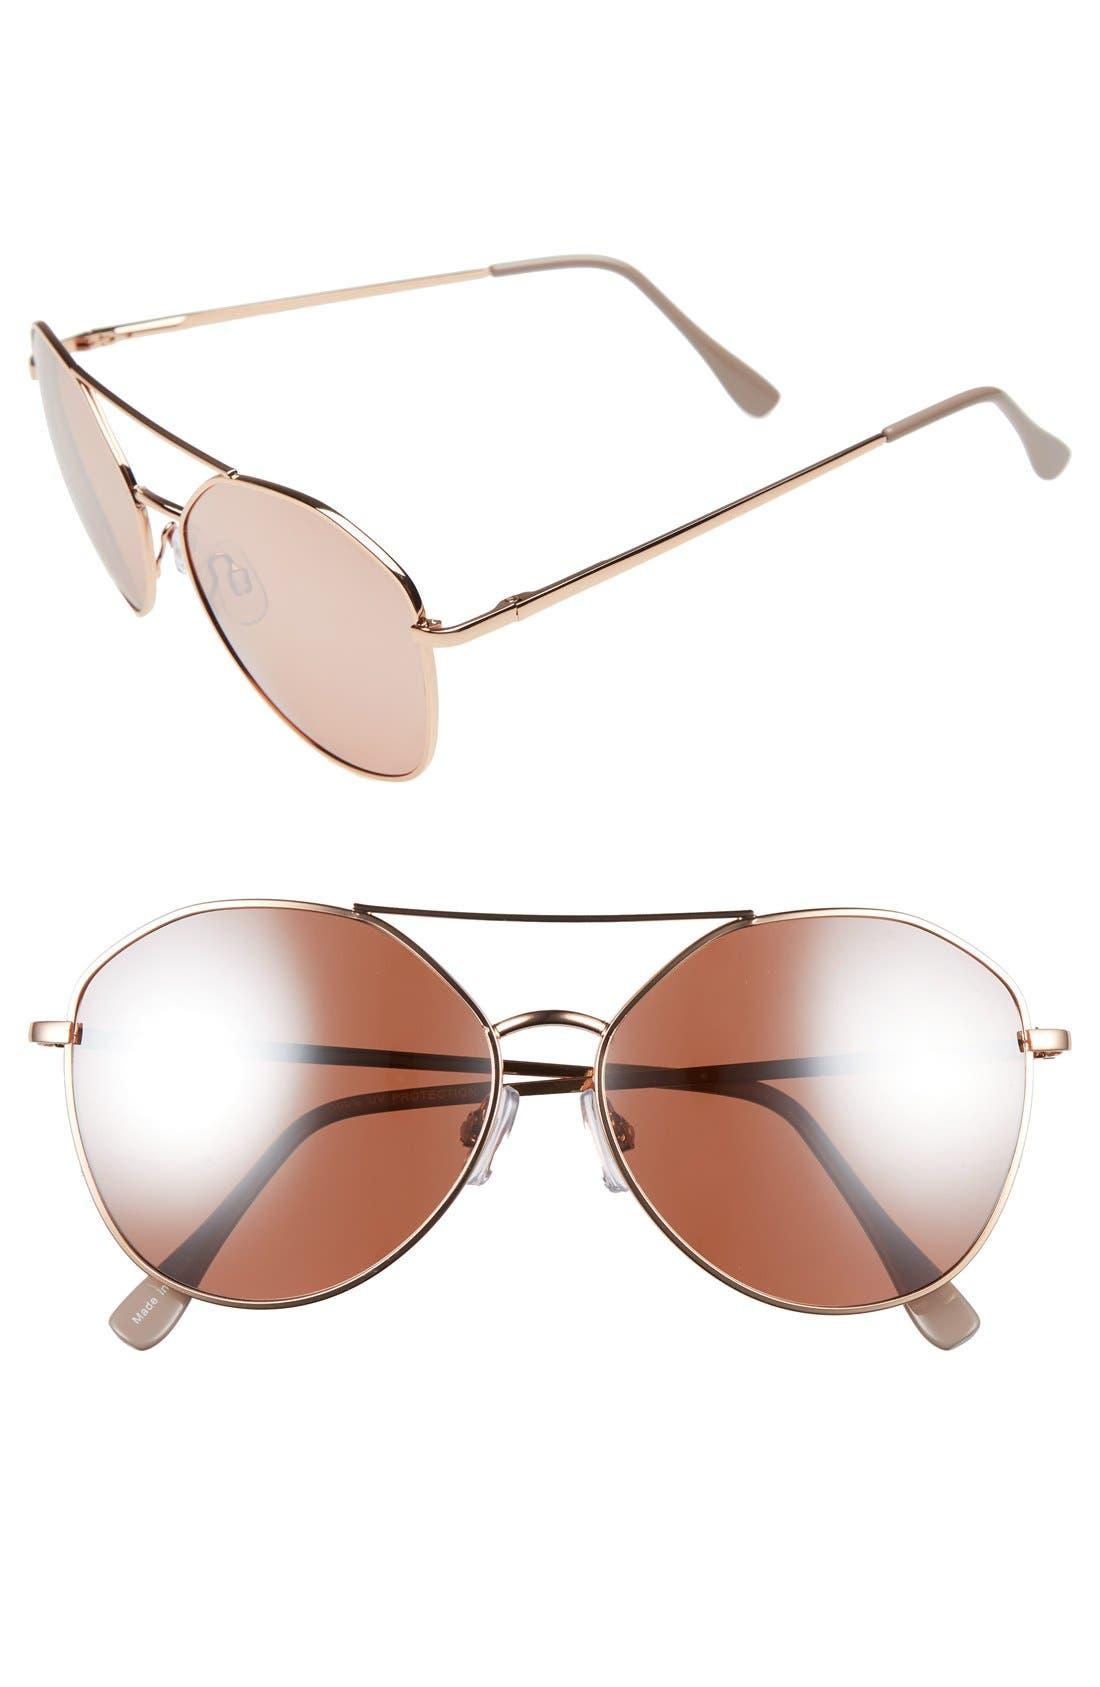 Alternate Image 1 Selected - BP. Slingshot 58mm Aviator Sunglasses